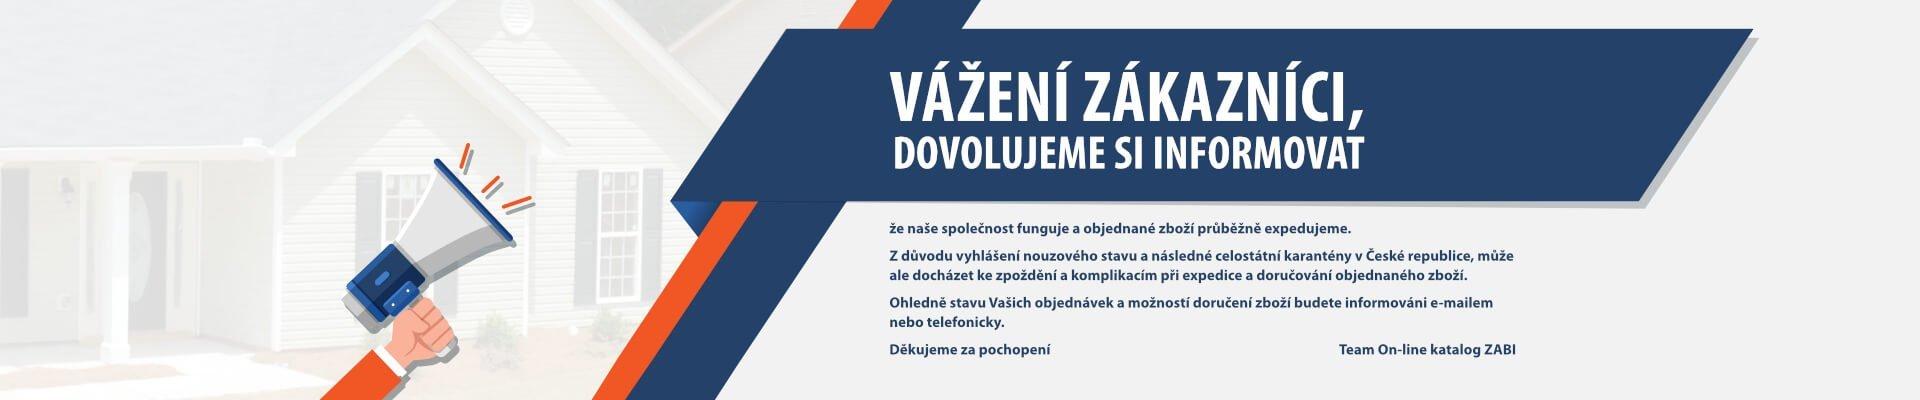 Banner - nouzovy_stav_cz-1584351203.jpg